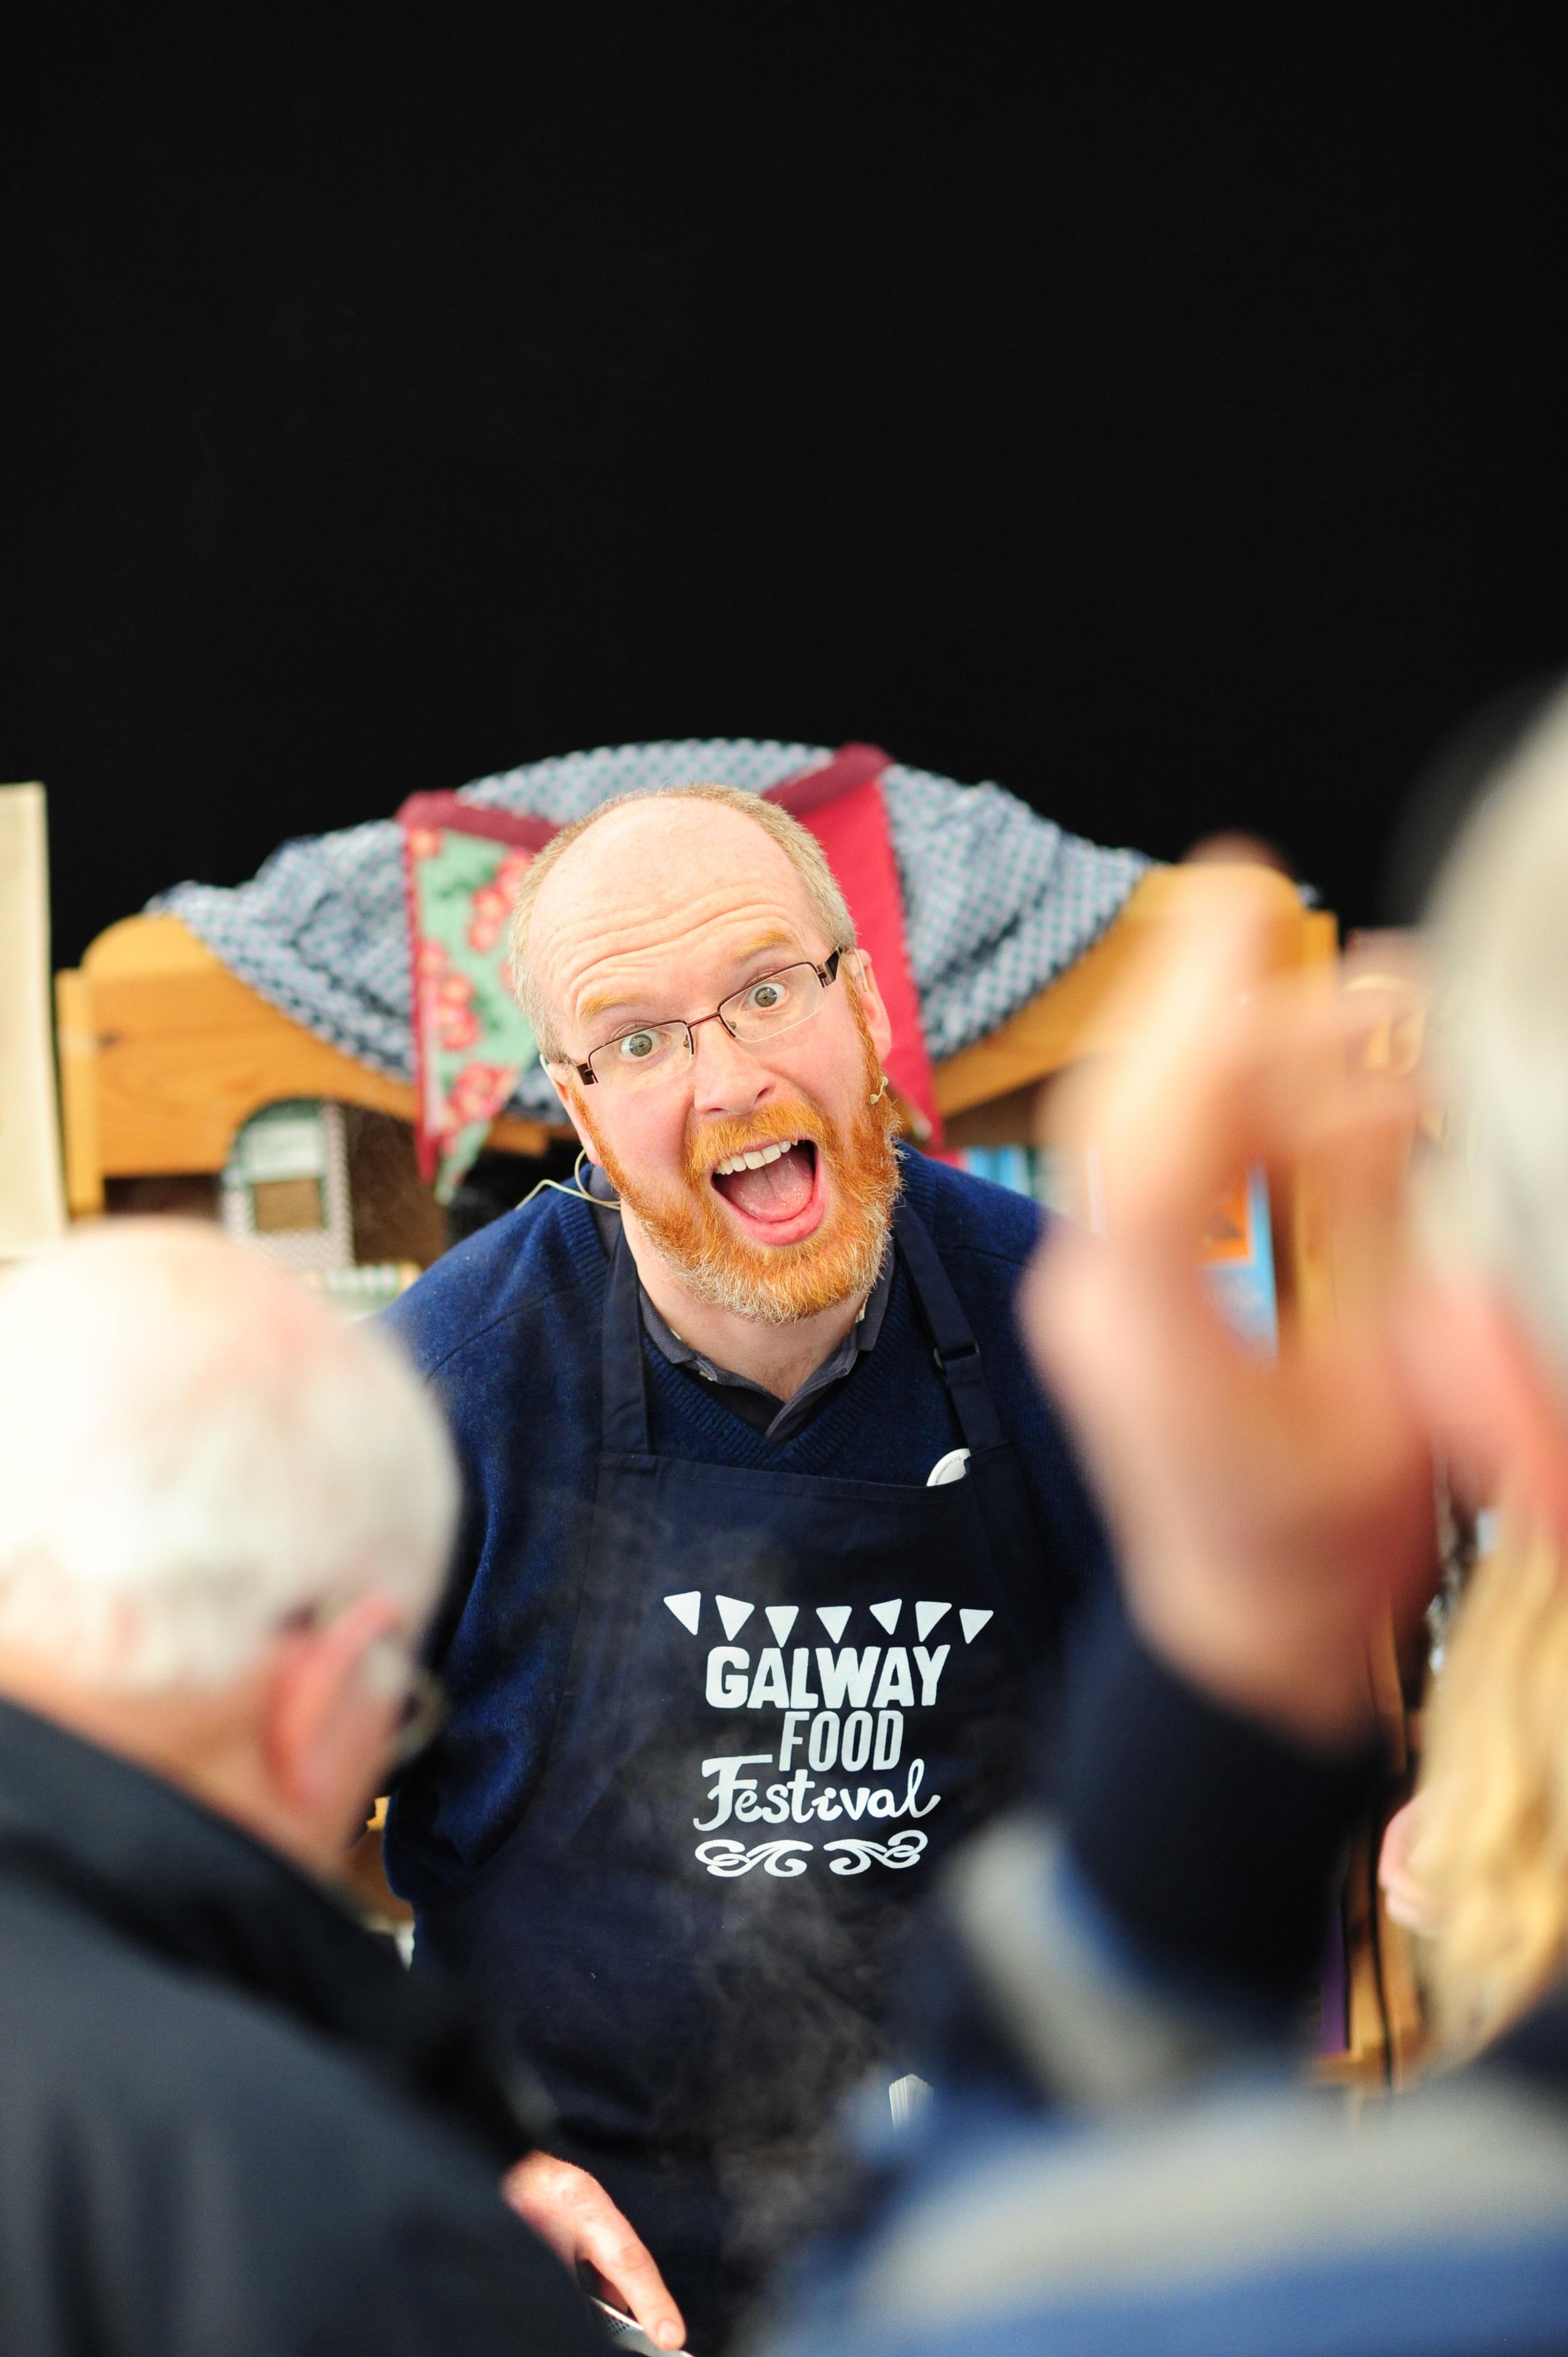 Galway Food Festival 2015 All-385.jpg